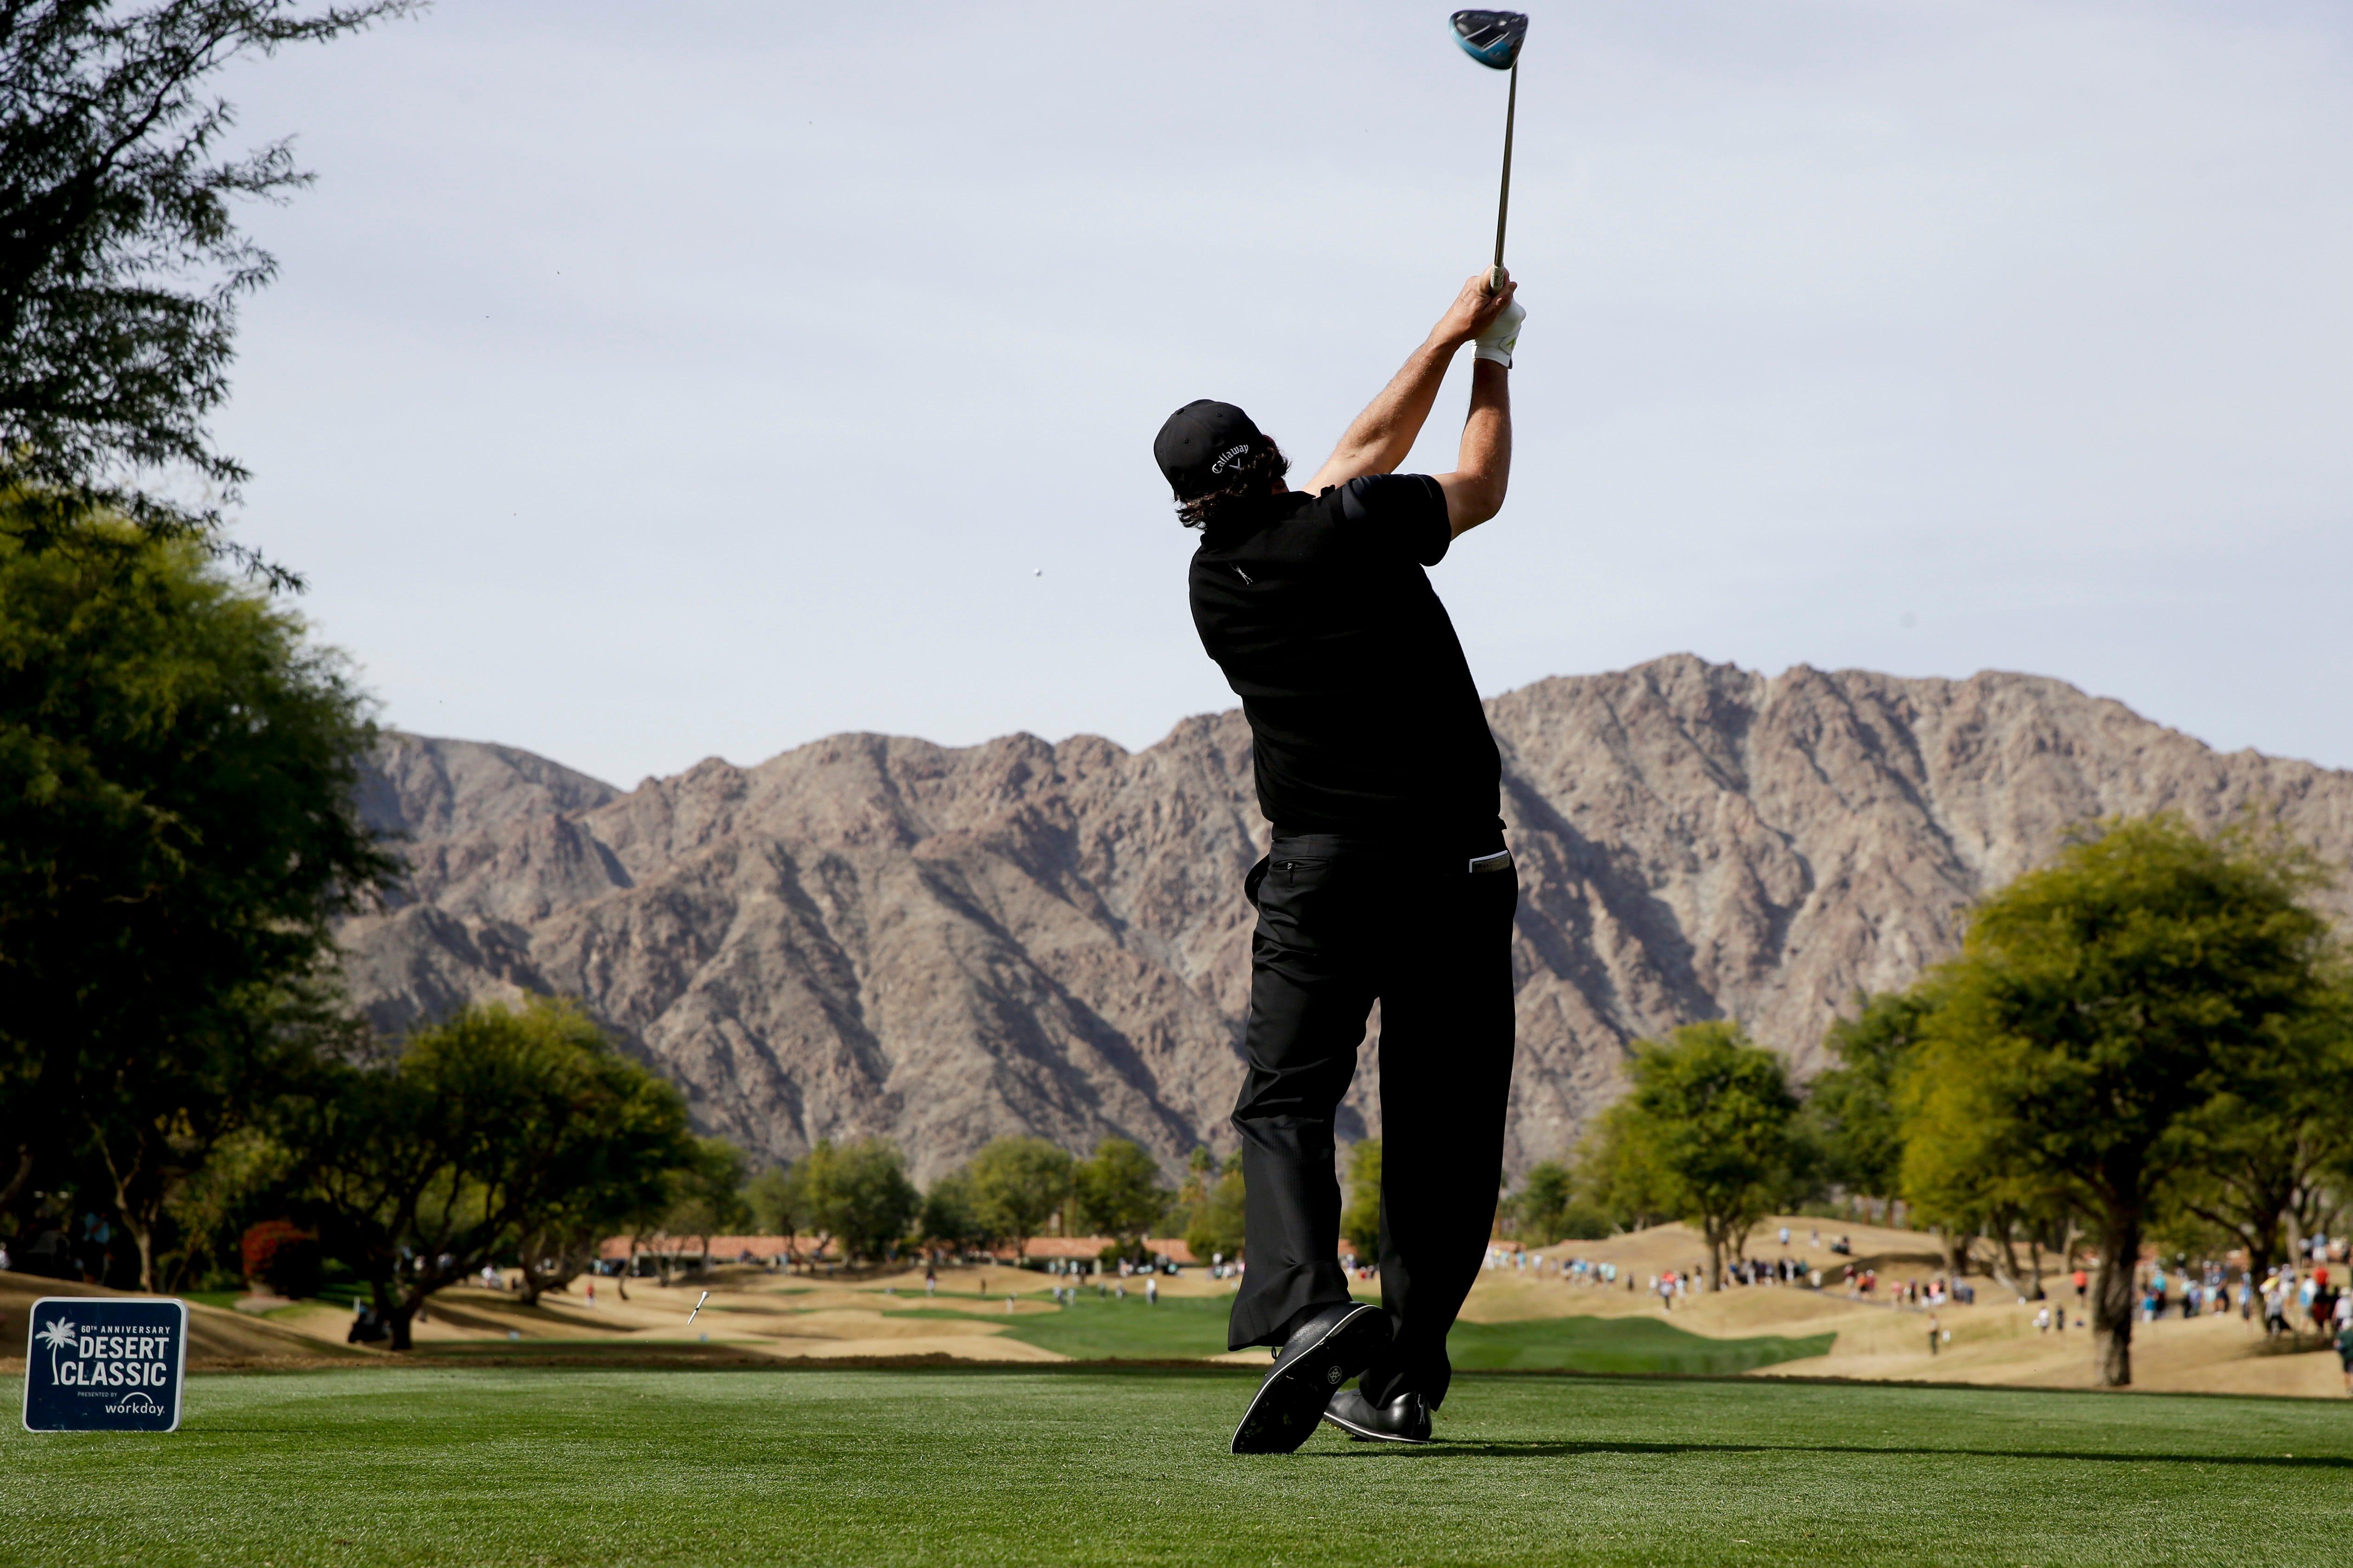 Adam Long wins Desert Classic for first PGA Tour title